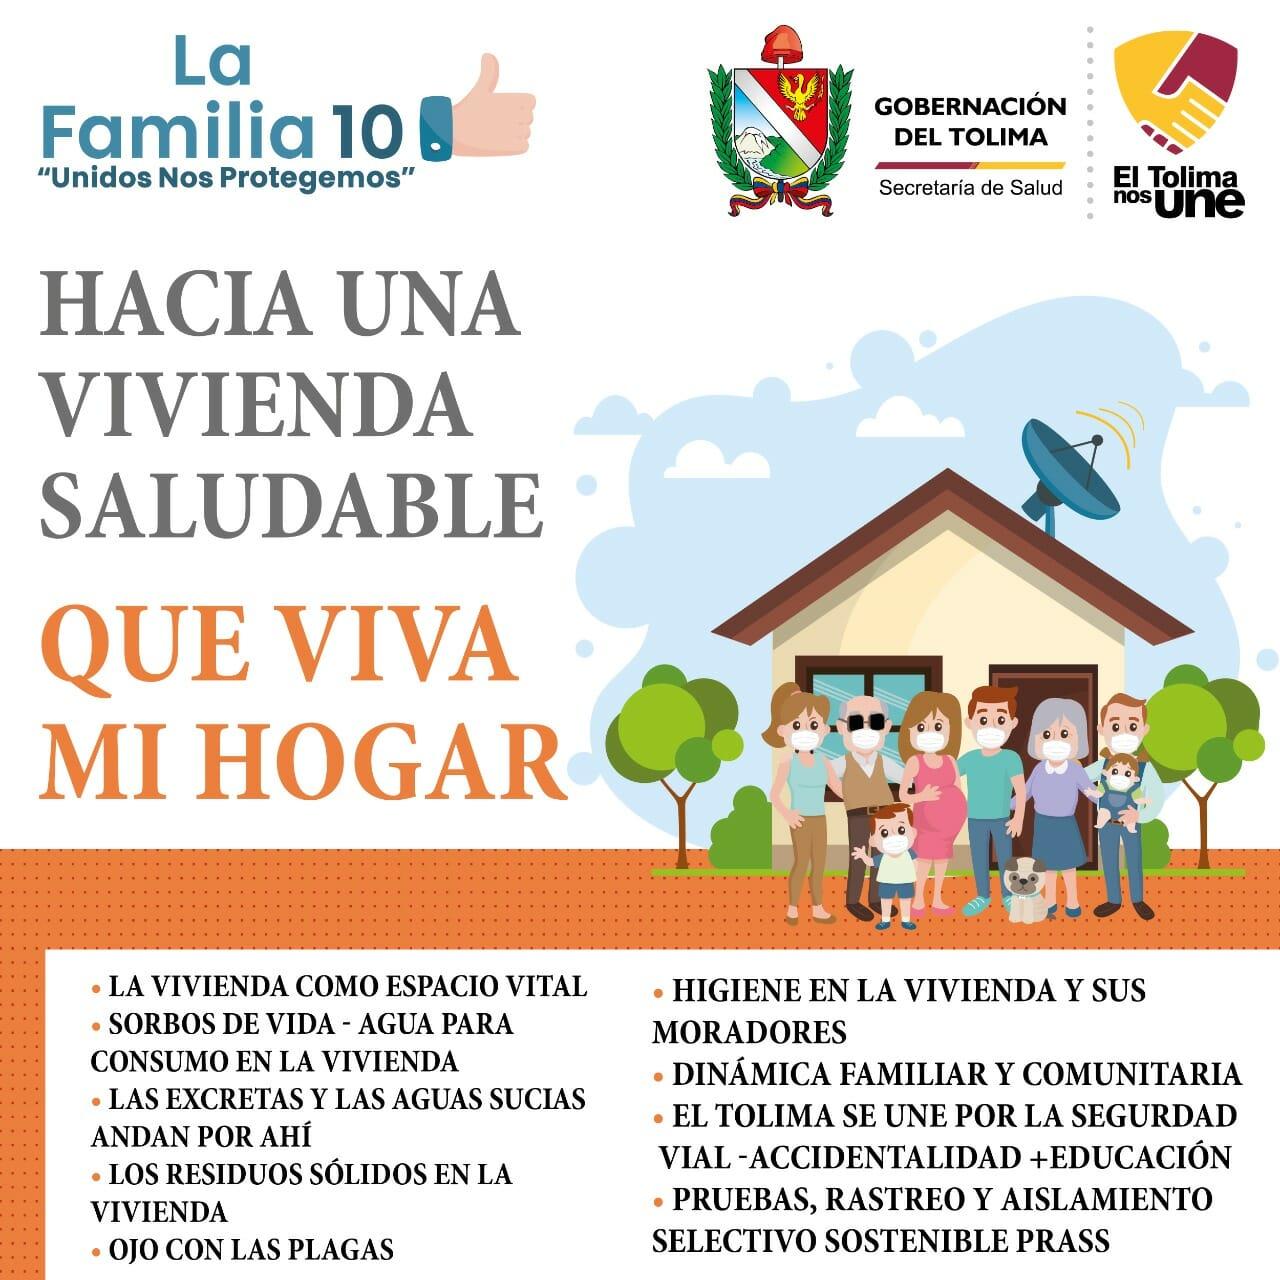 Entornos saludables. La estrategia de Vivienda saludable ha beneficiado a más de 100 familias en en 6 municipios del Tolima 1